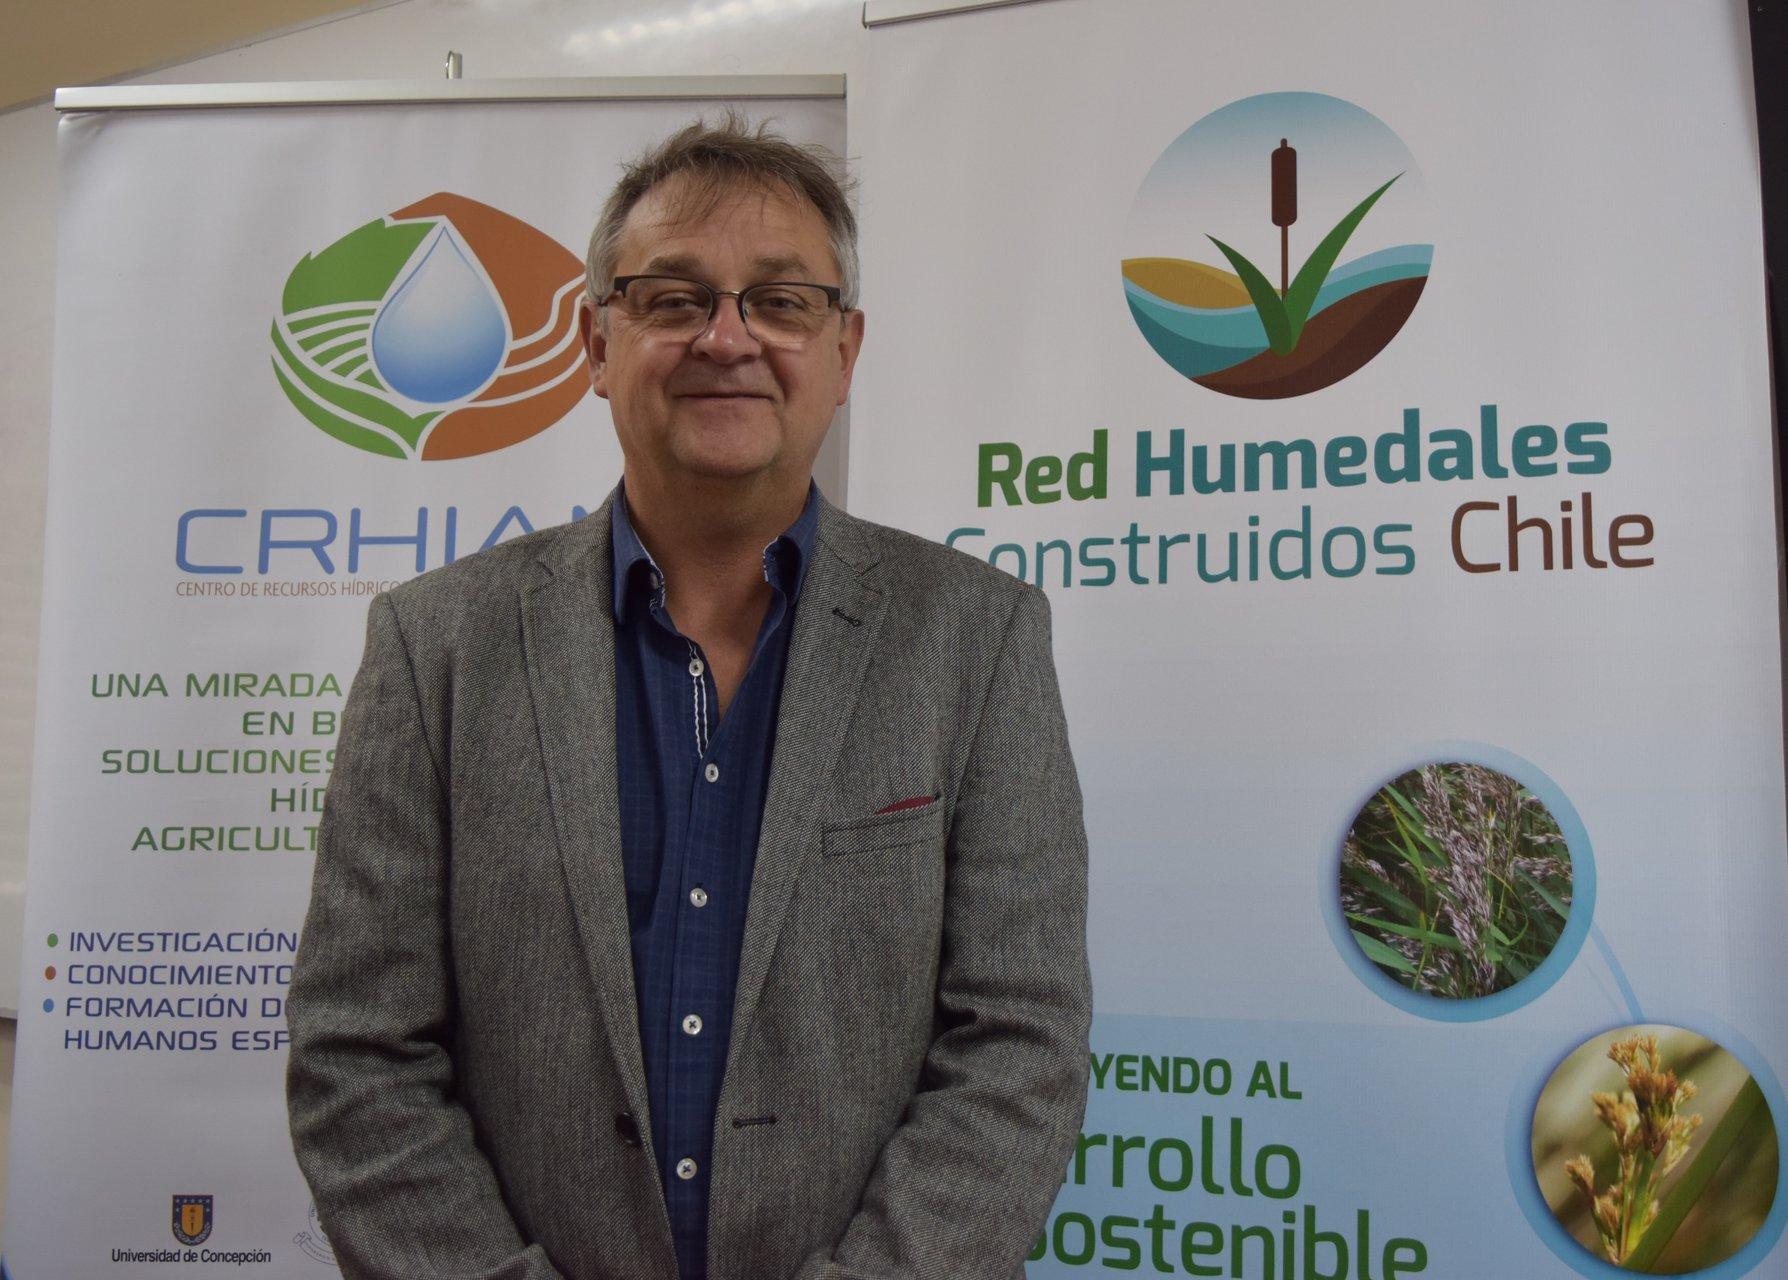 Experto de la Universidad de Aarhus expuso sobre humedales y su relación con la agricultura durante su visita a Crhiam